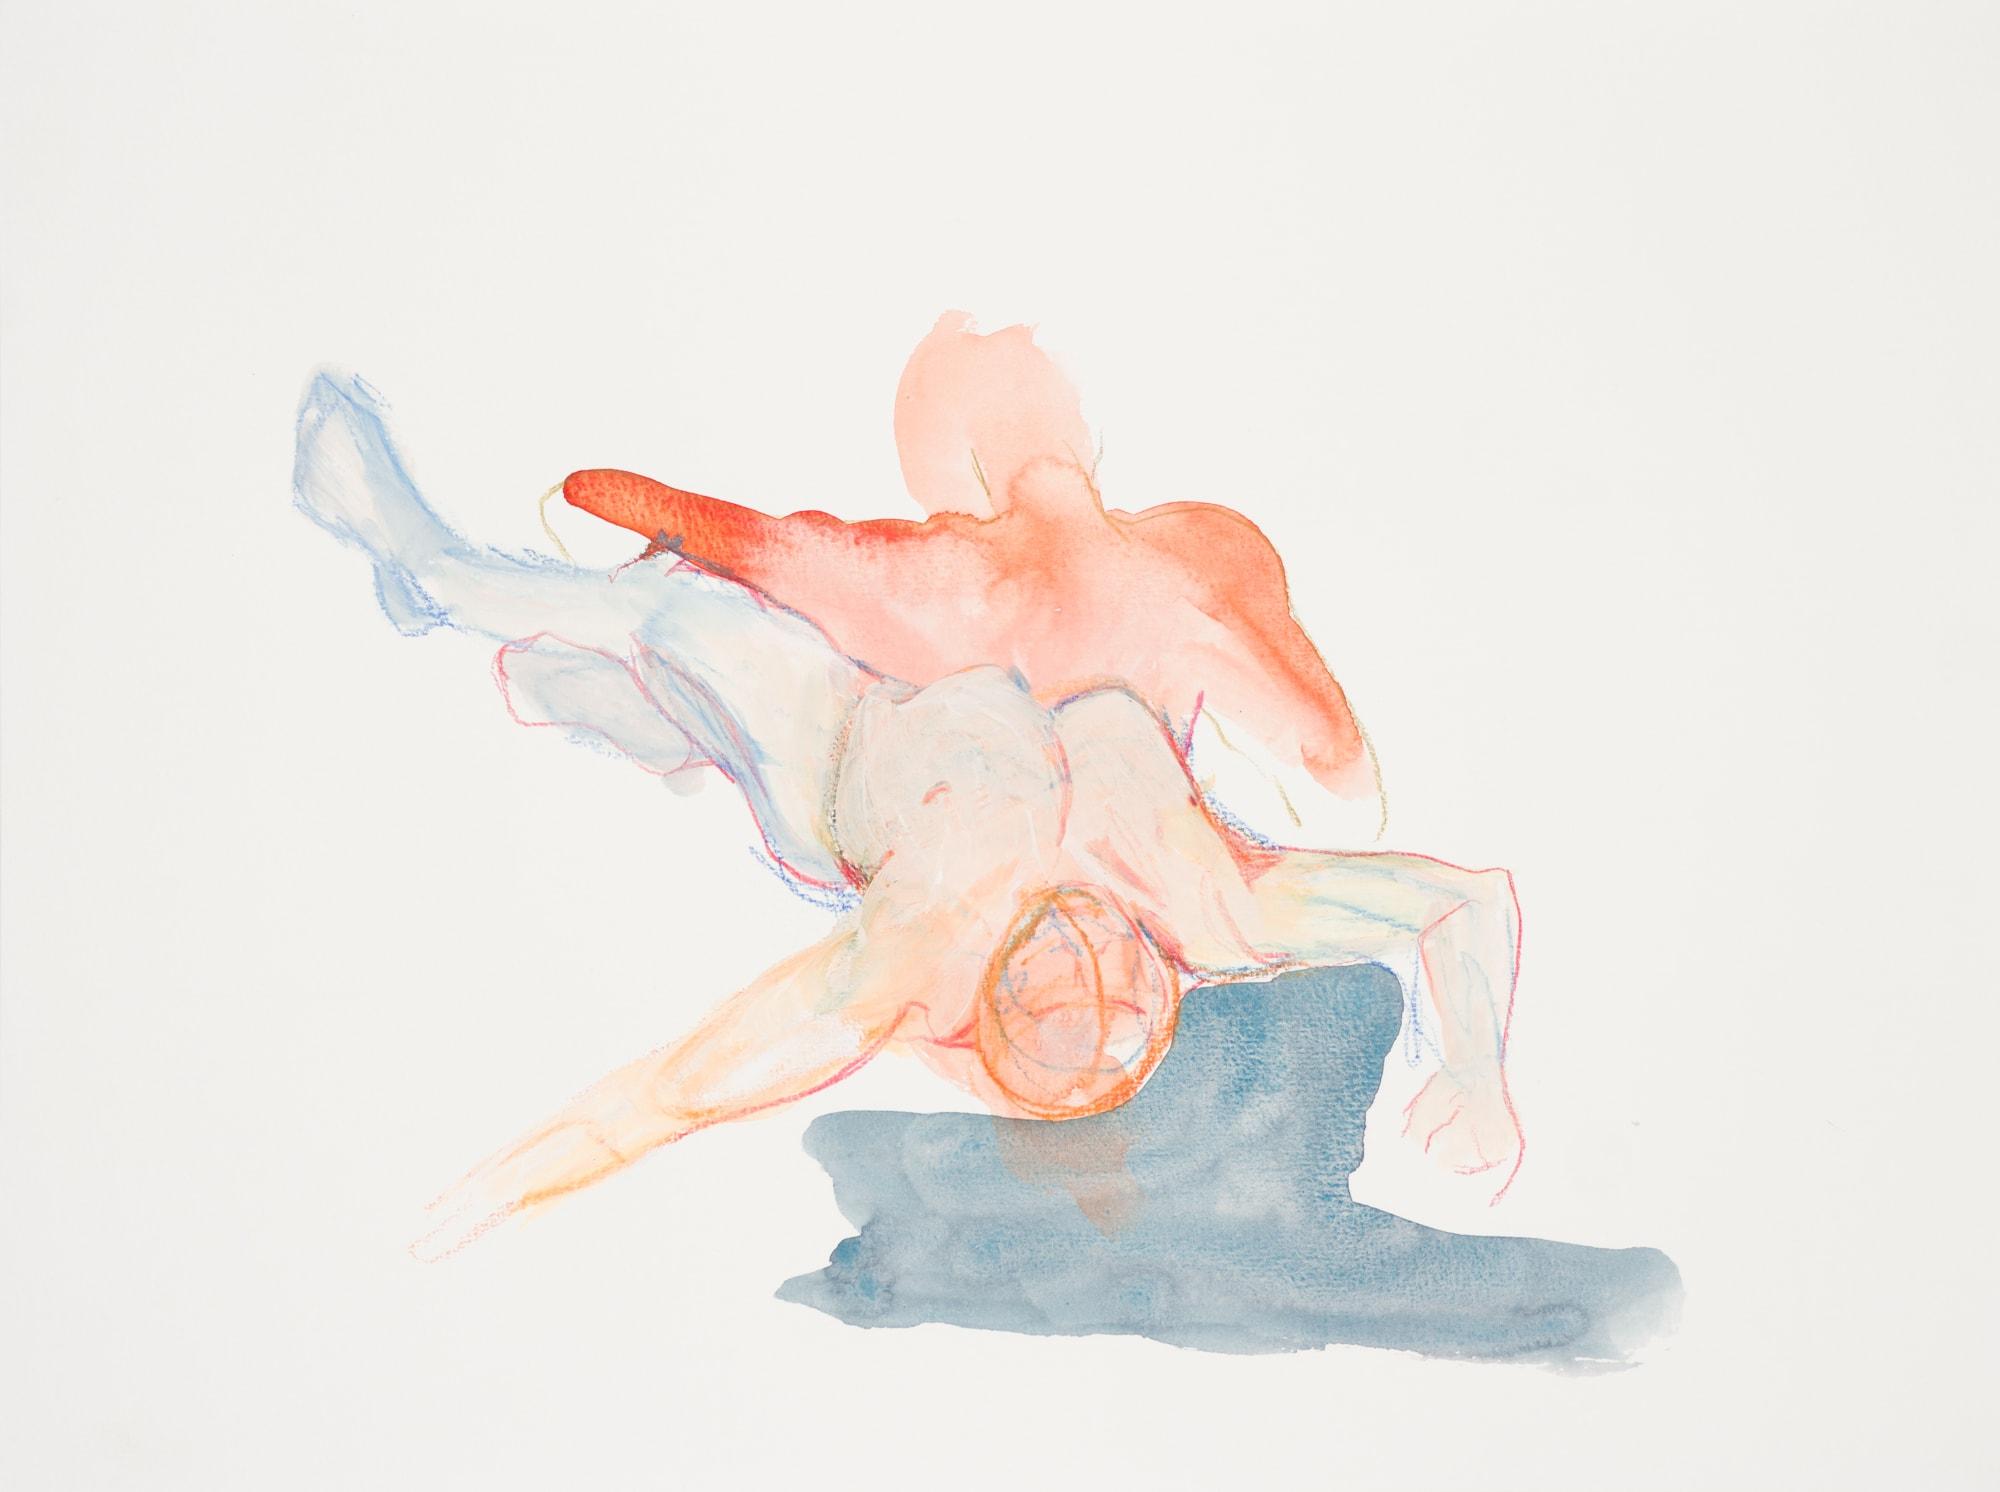 Zeichnung, Aquarell und Farbstift auf Papier, 40x30cm, Akt, Künstlerin: Franziska King